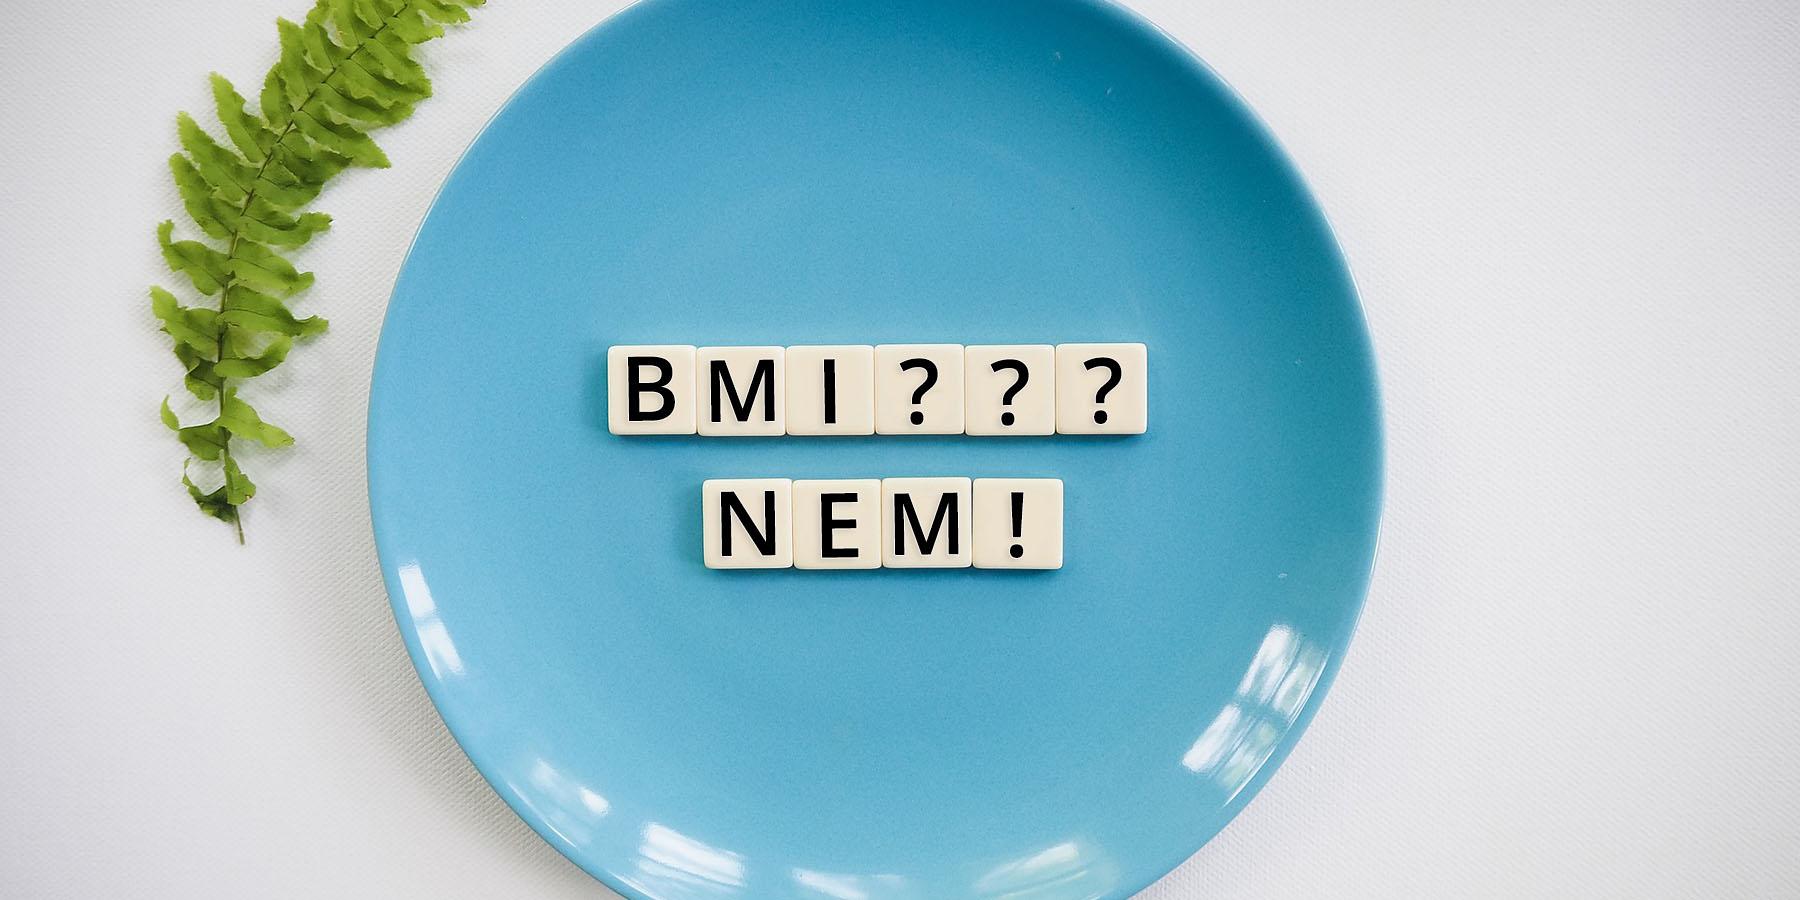 Túlsúly: Nem csak a BMI számít